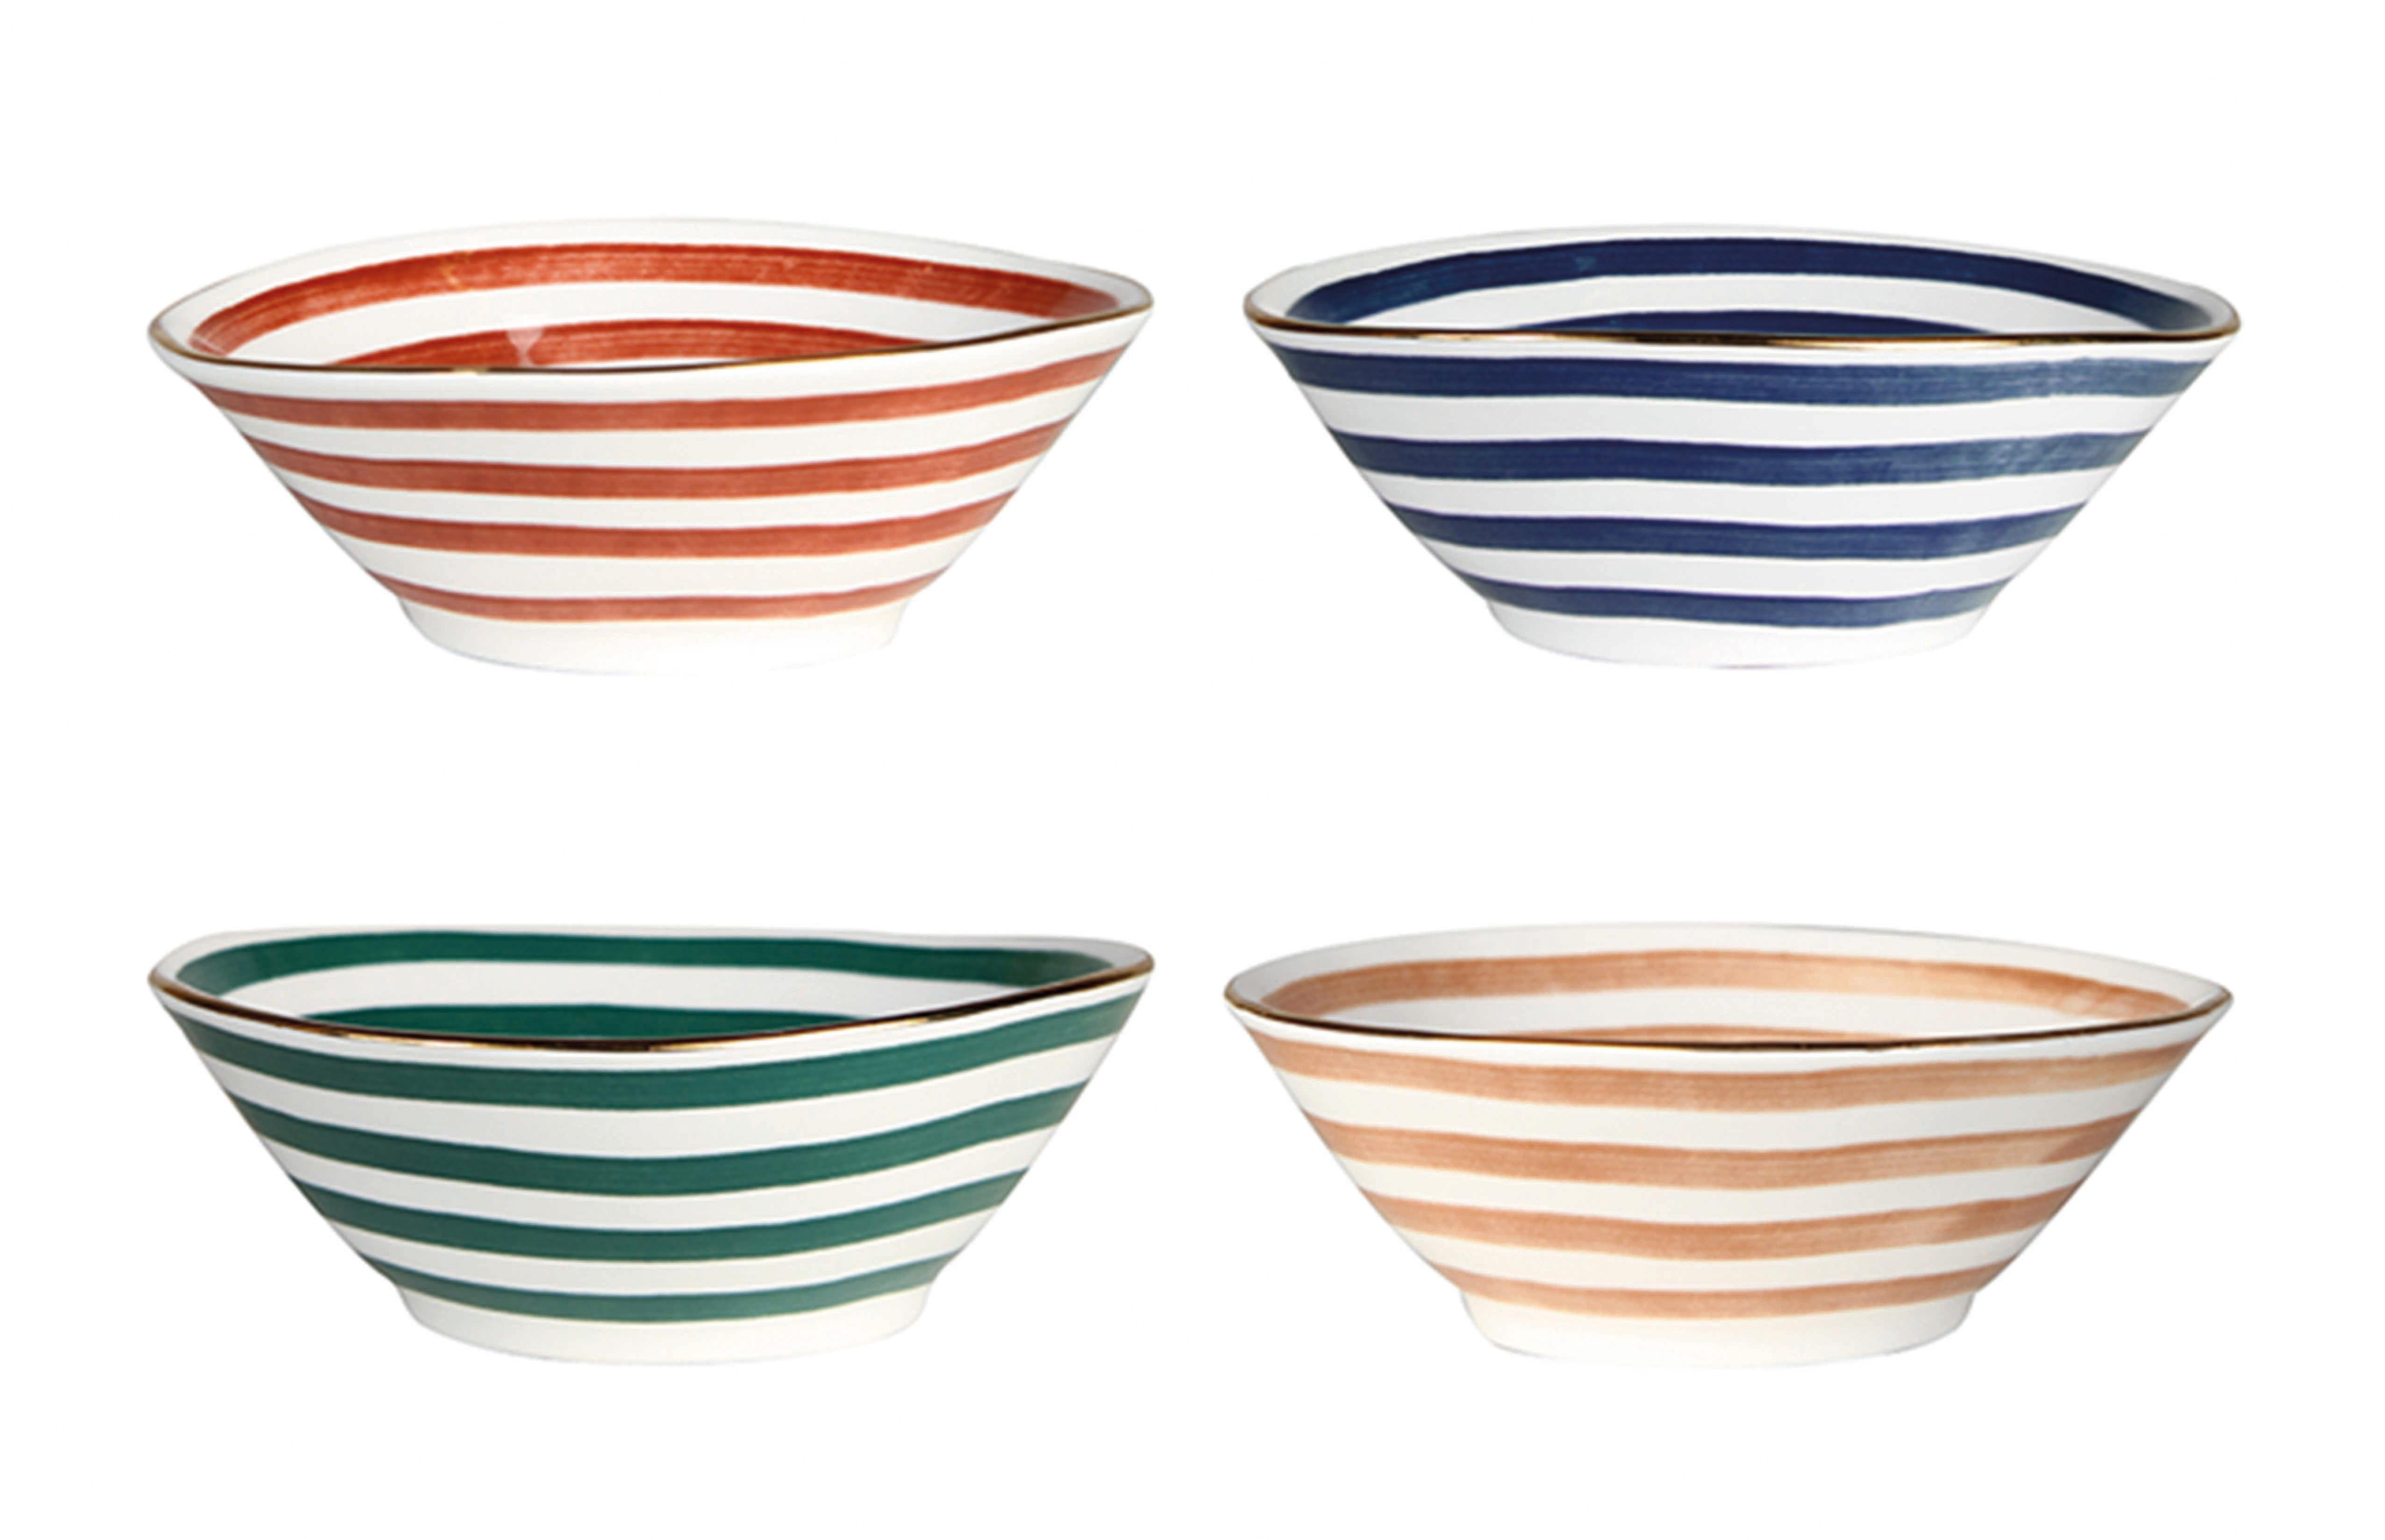 Arts de la table - Saladiers, coupes et bols - Bol Casablanca / Porcelaine - Set de 4 - & klevering - Multicolore - Porcelaine